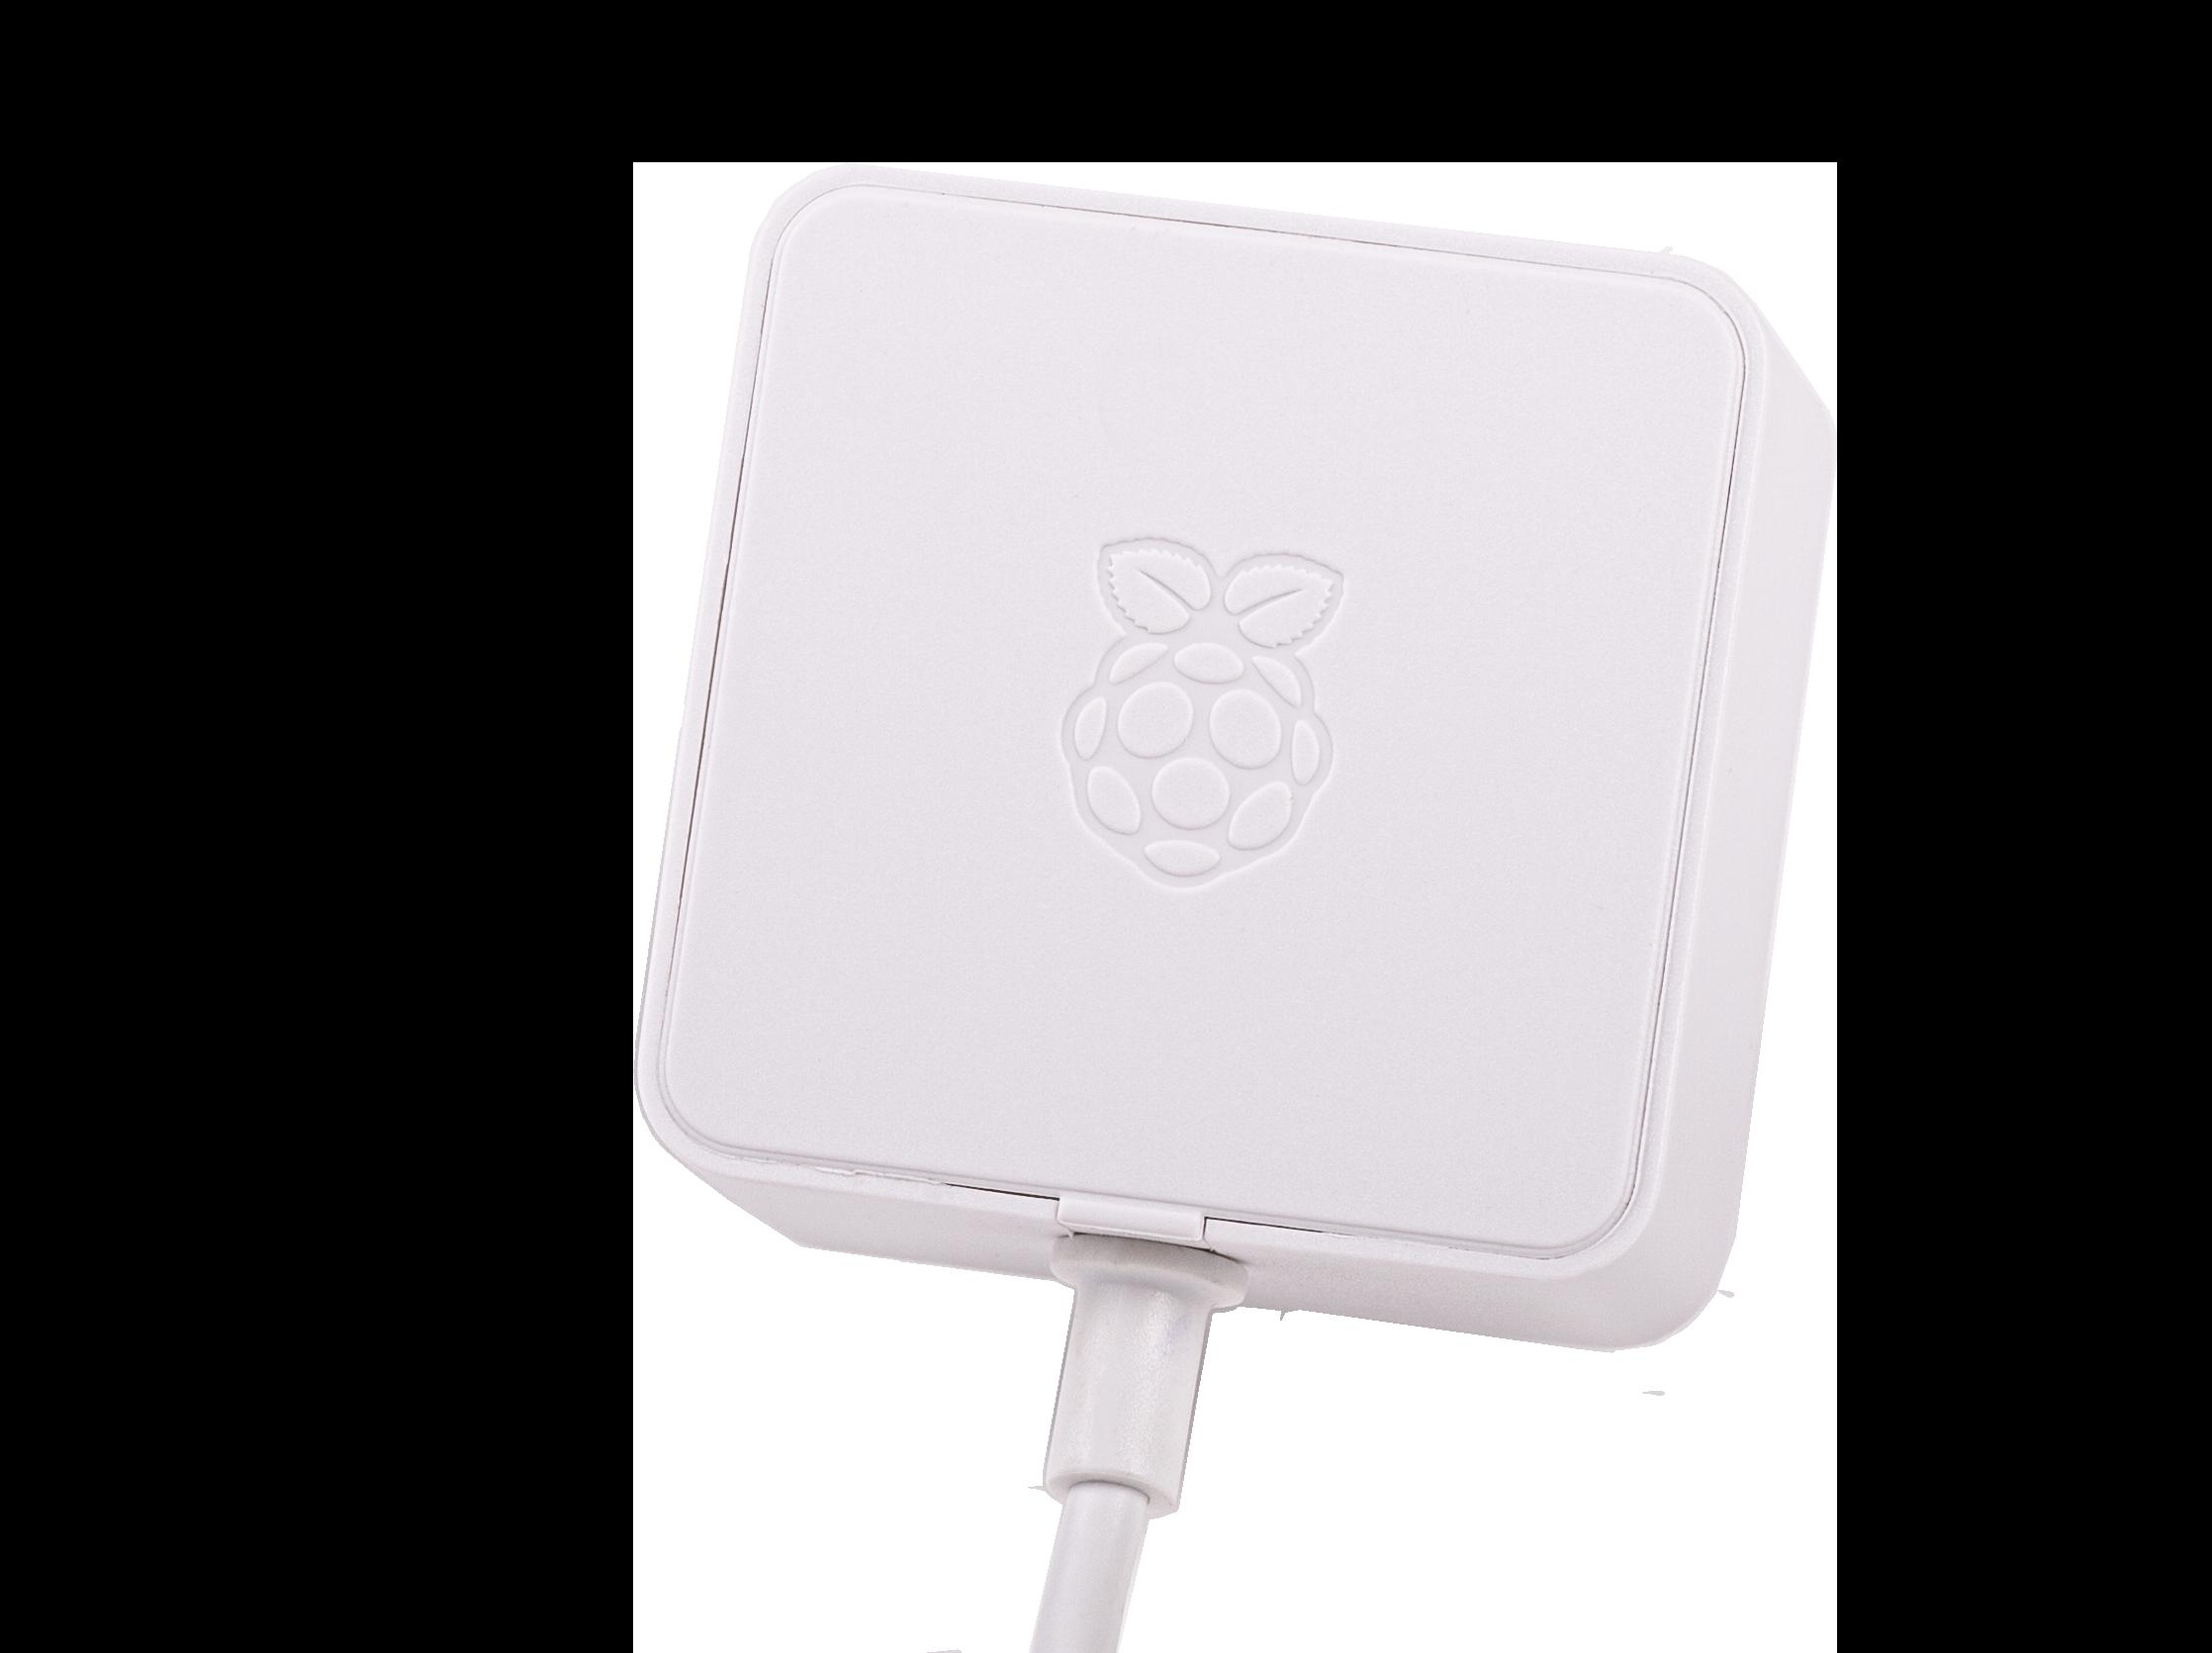 Adaptateur secteurRaspberry Pi 5,1V/3A USB-C (UE, blanc)